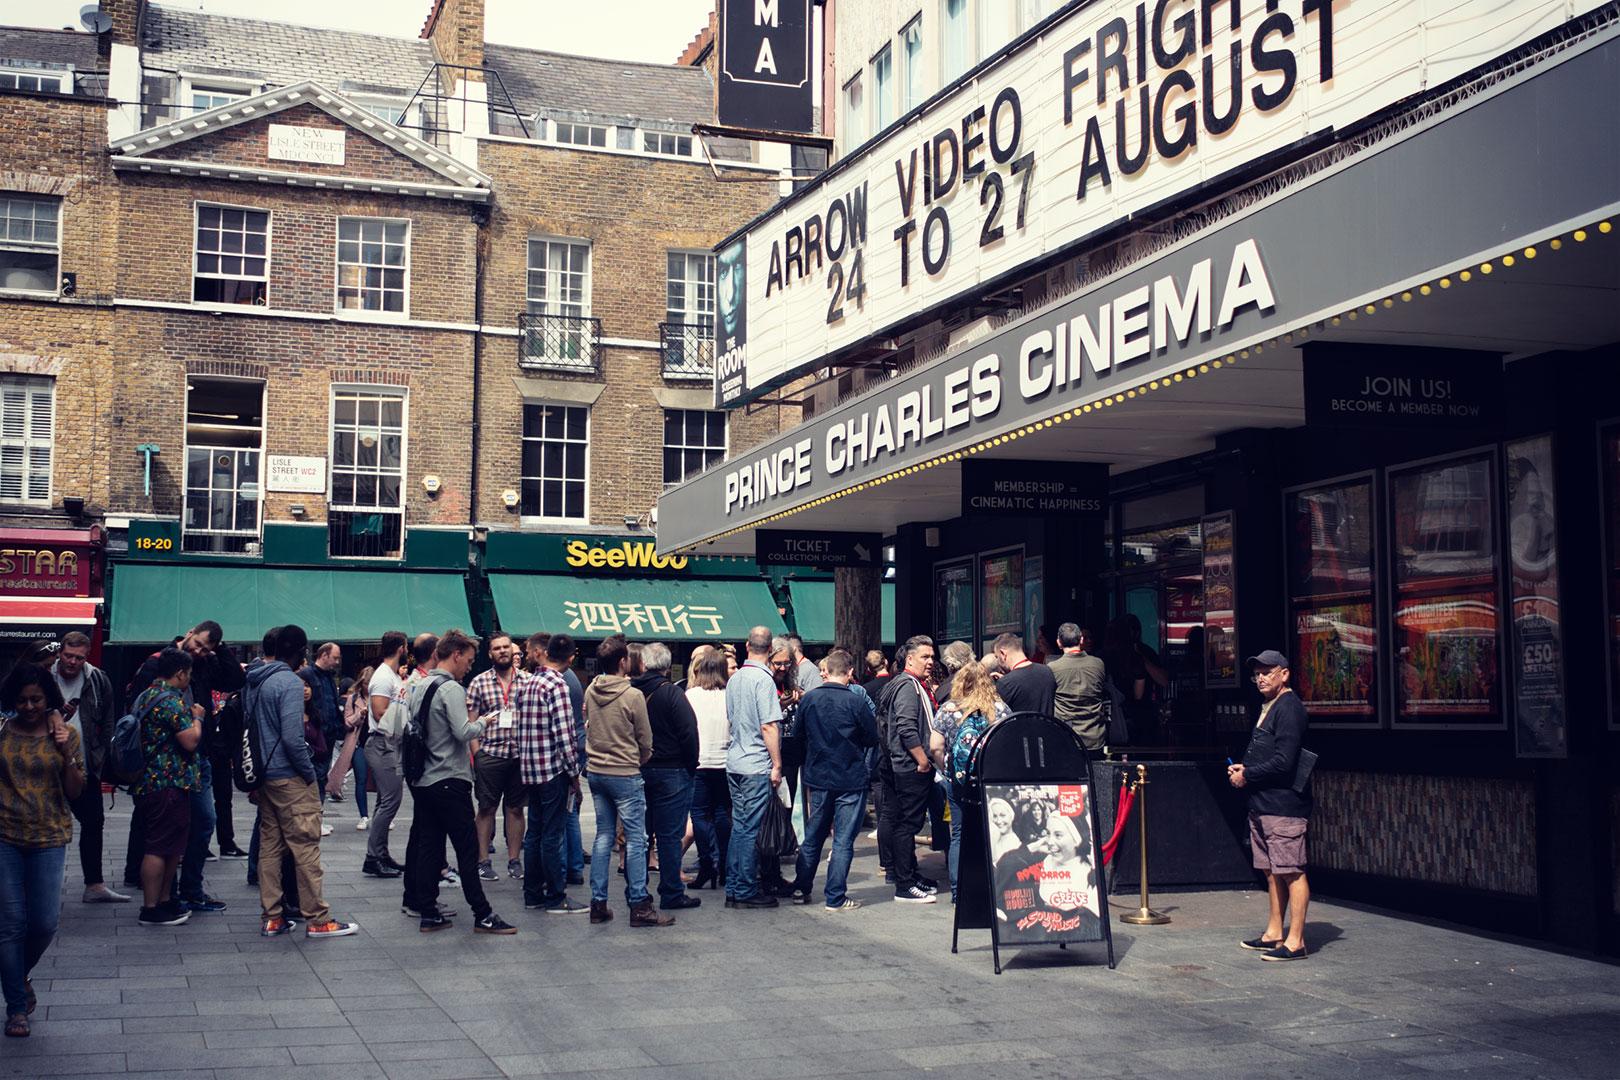 Kino meets Kopfhörer – Horrorfestival in London mit 3D-Sound von Sennheiser